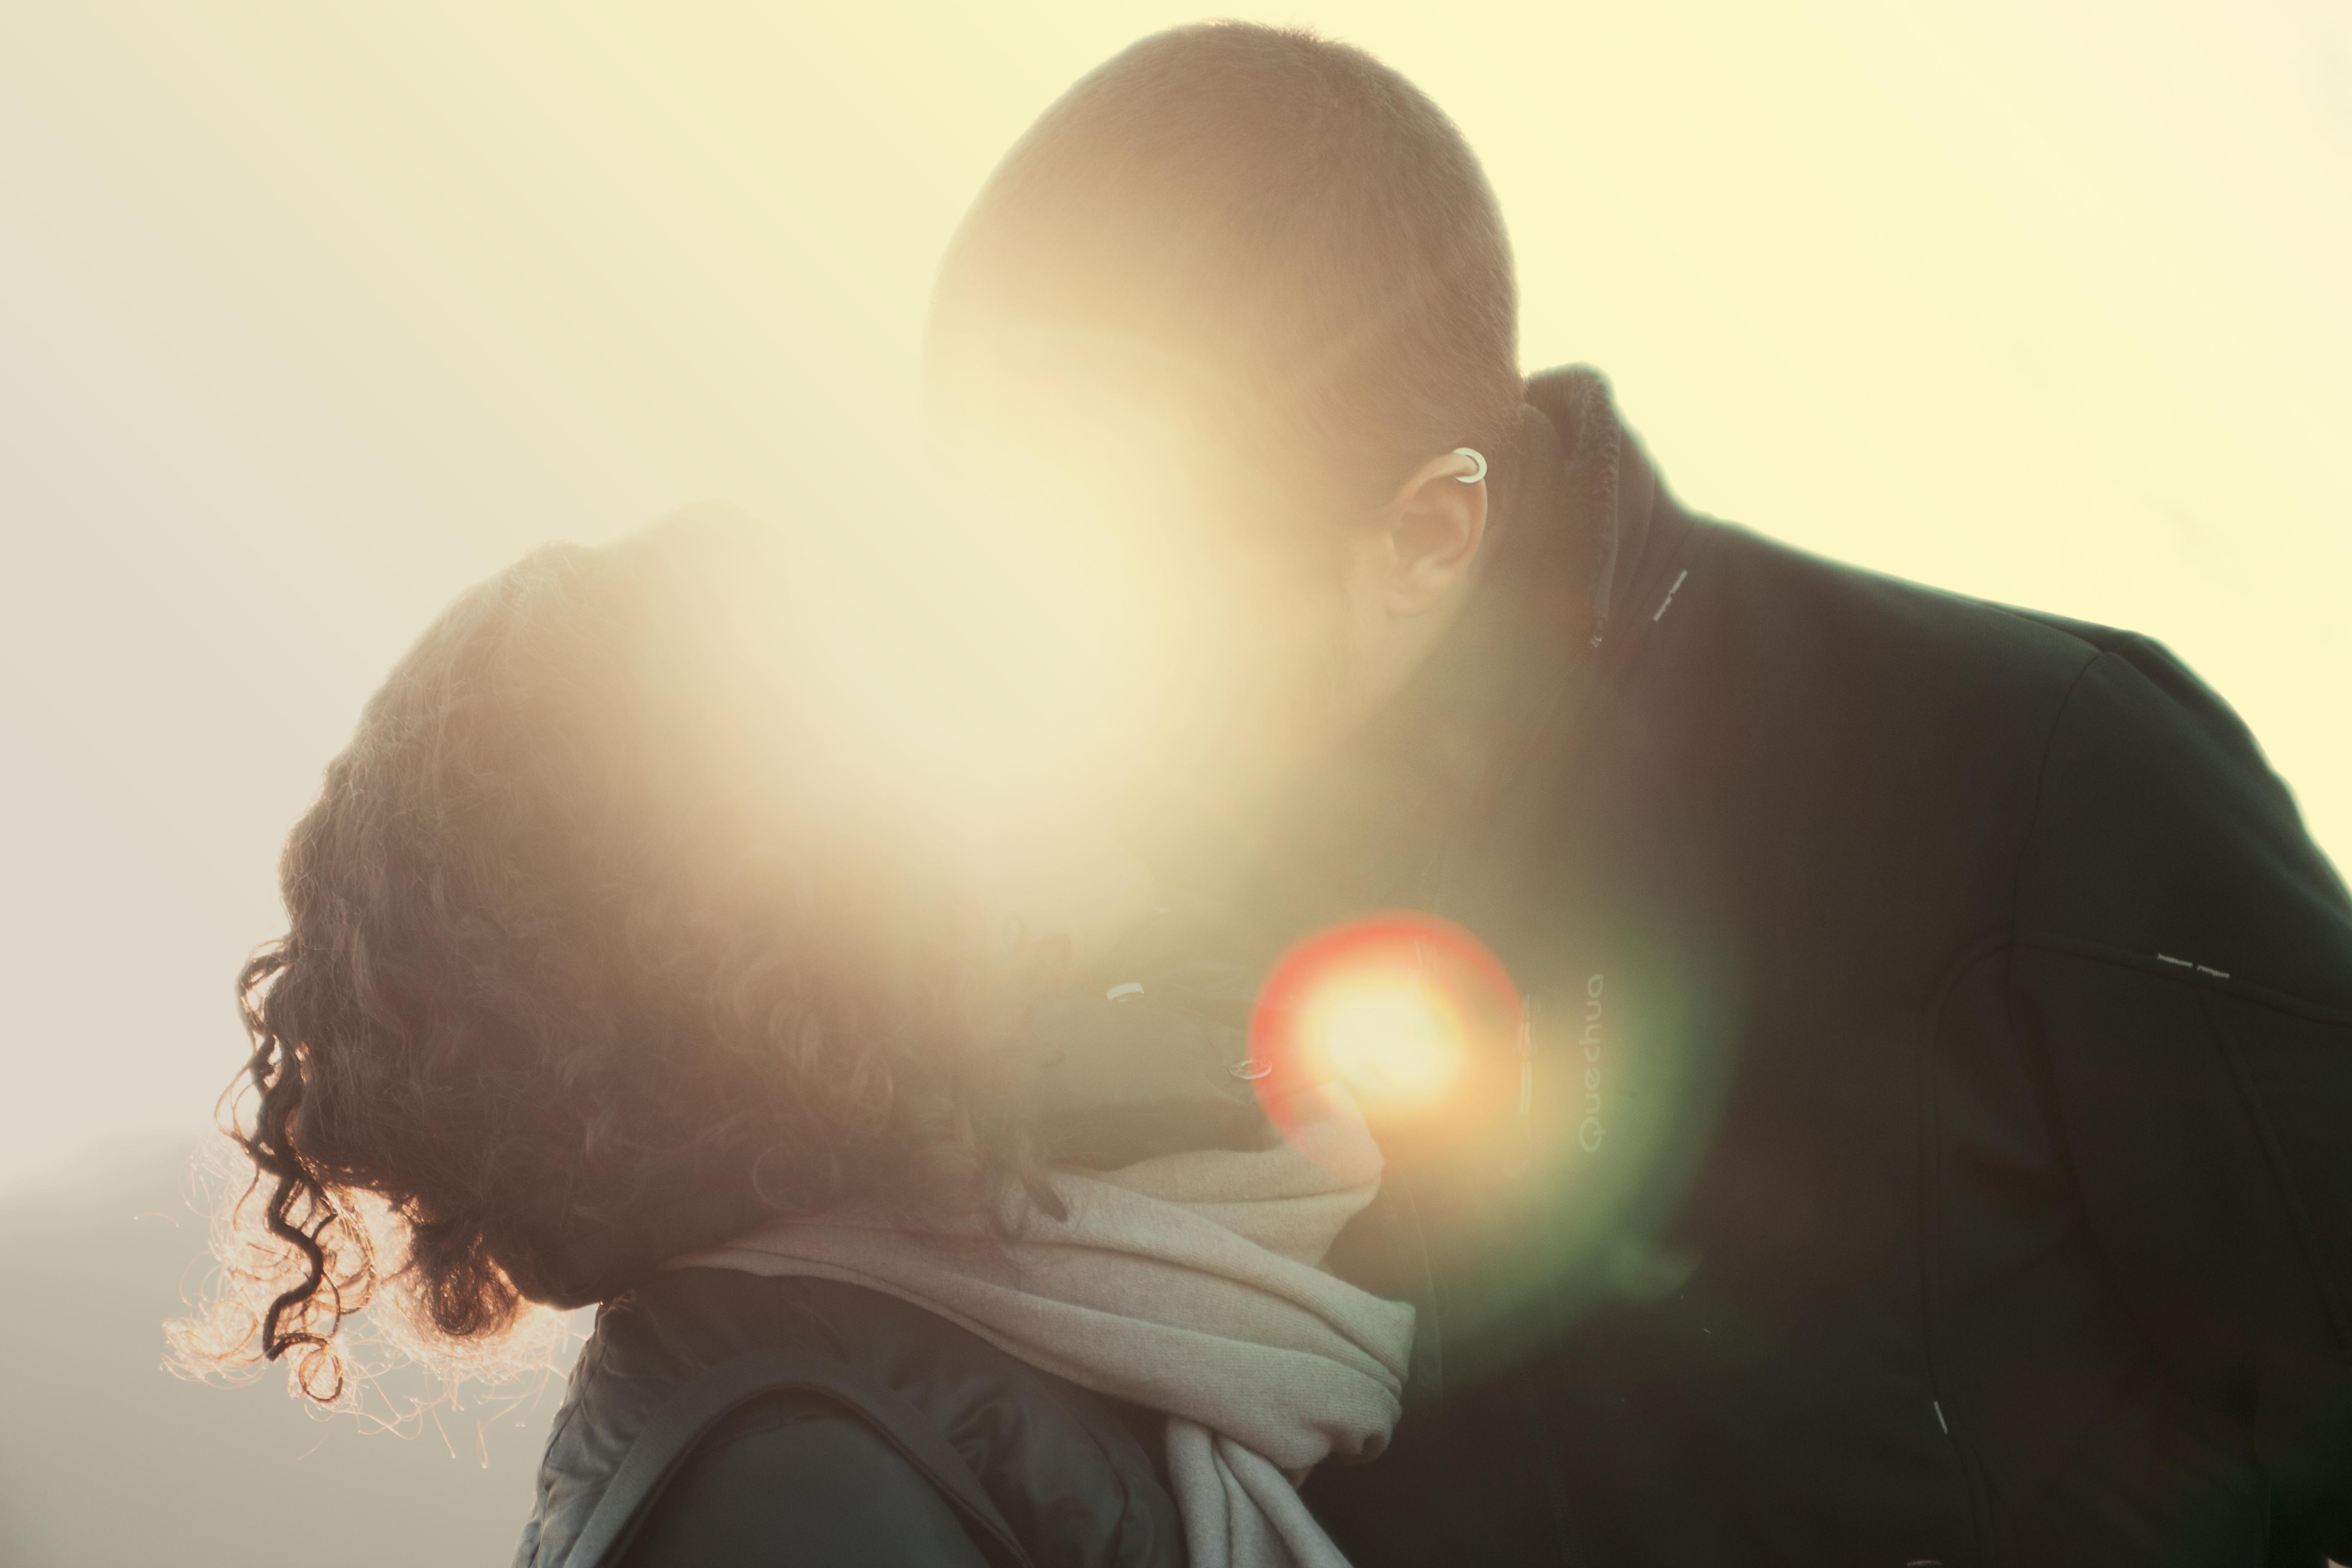 Zakochanie to pierwsza faza miłości, a właściwie prolog do niej